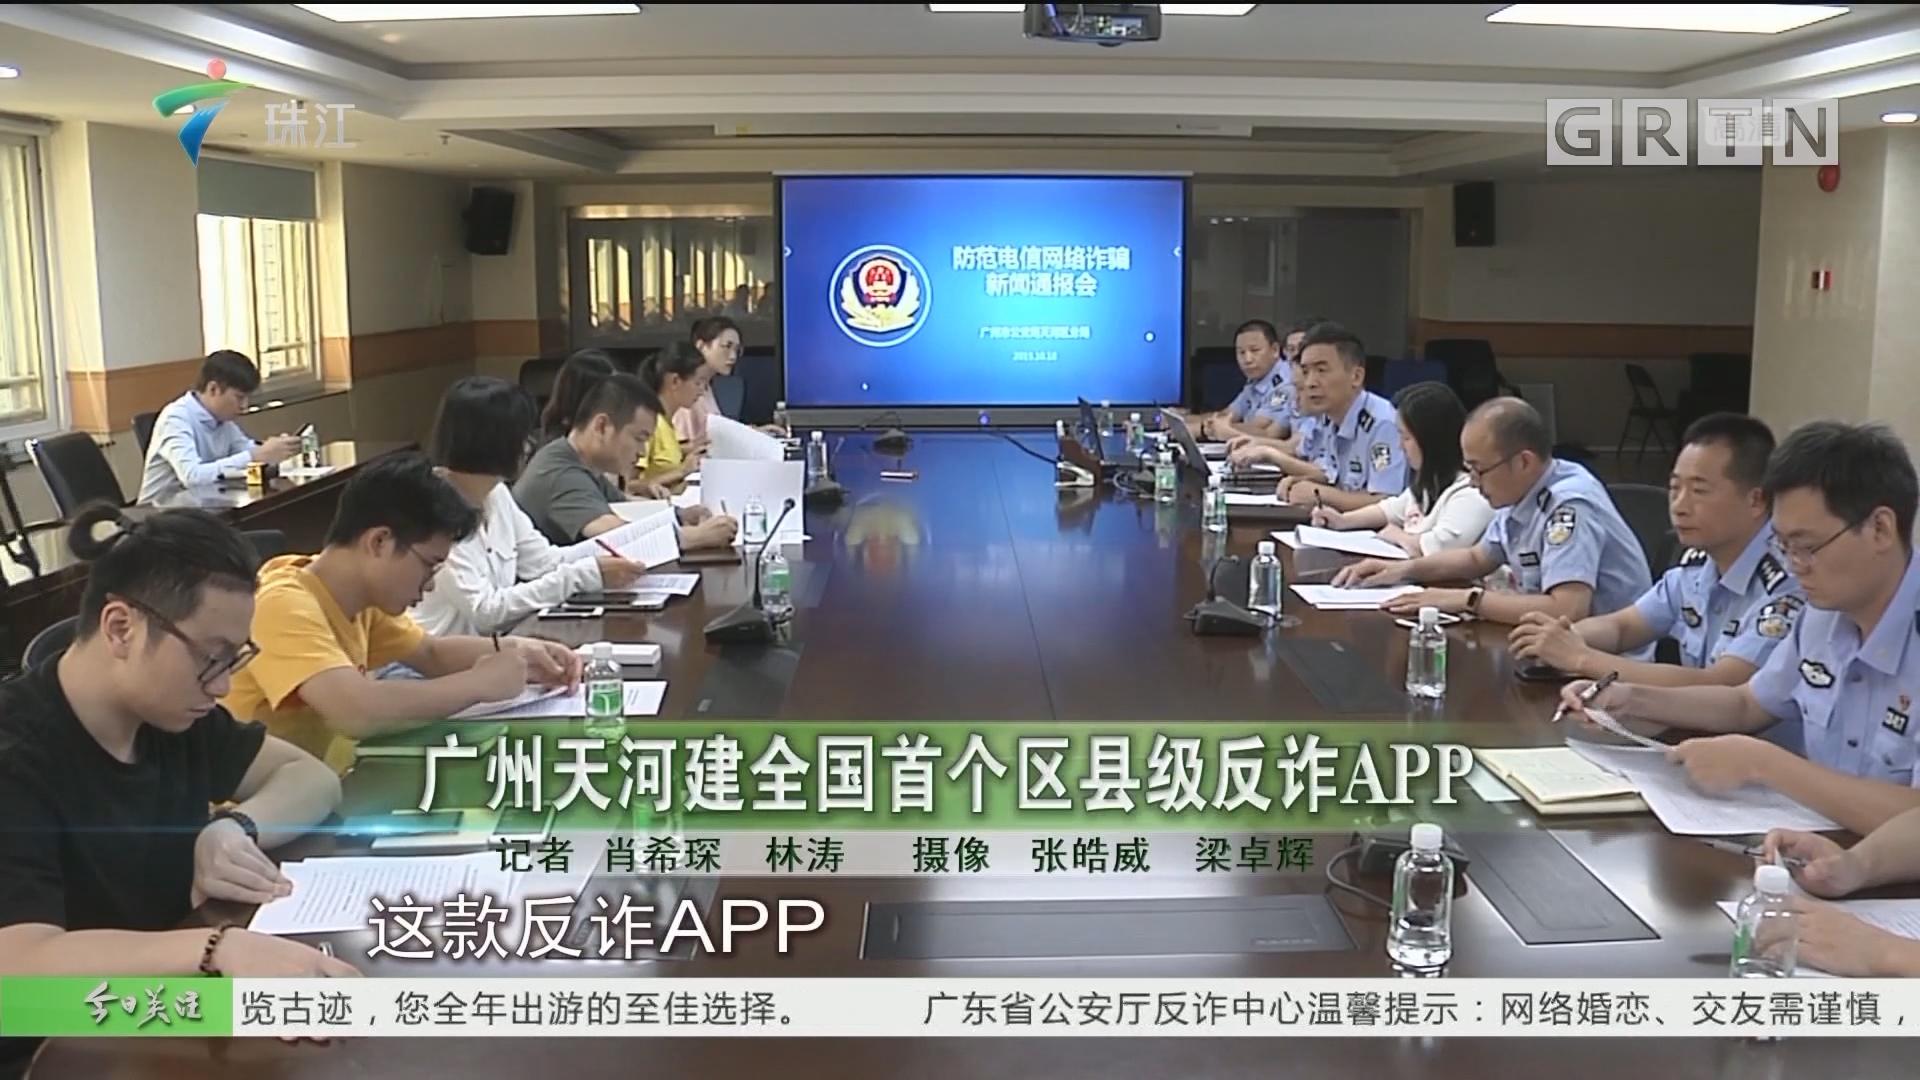 廣州天河建全國首個區縣級反詐APP